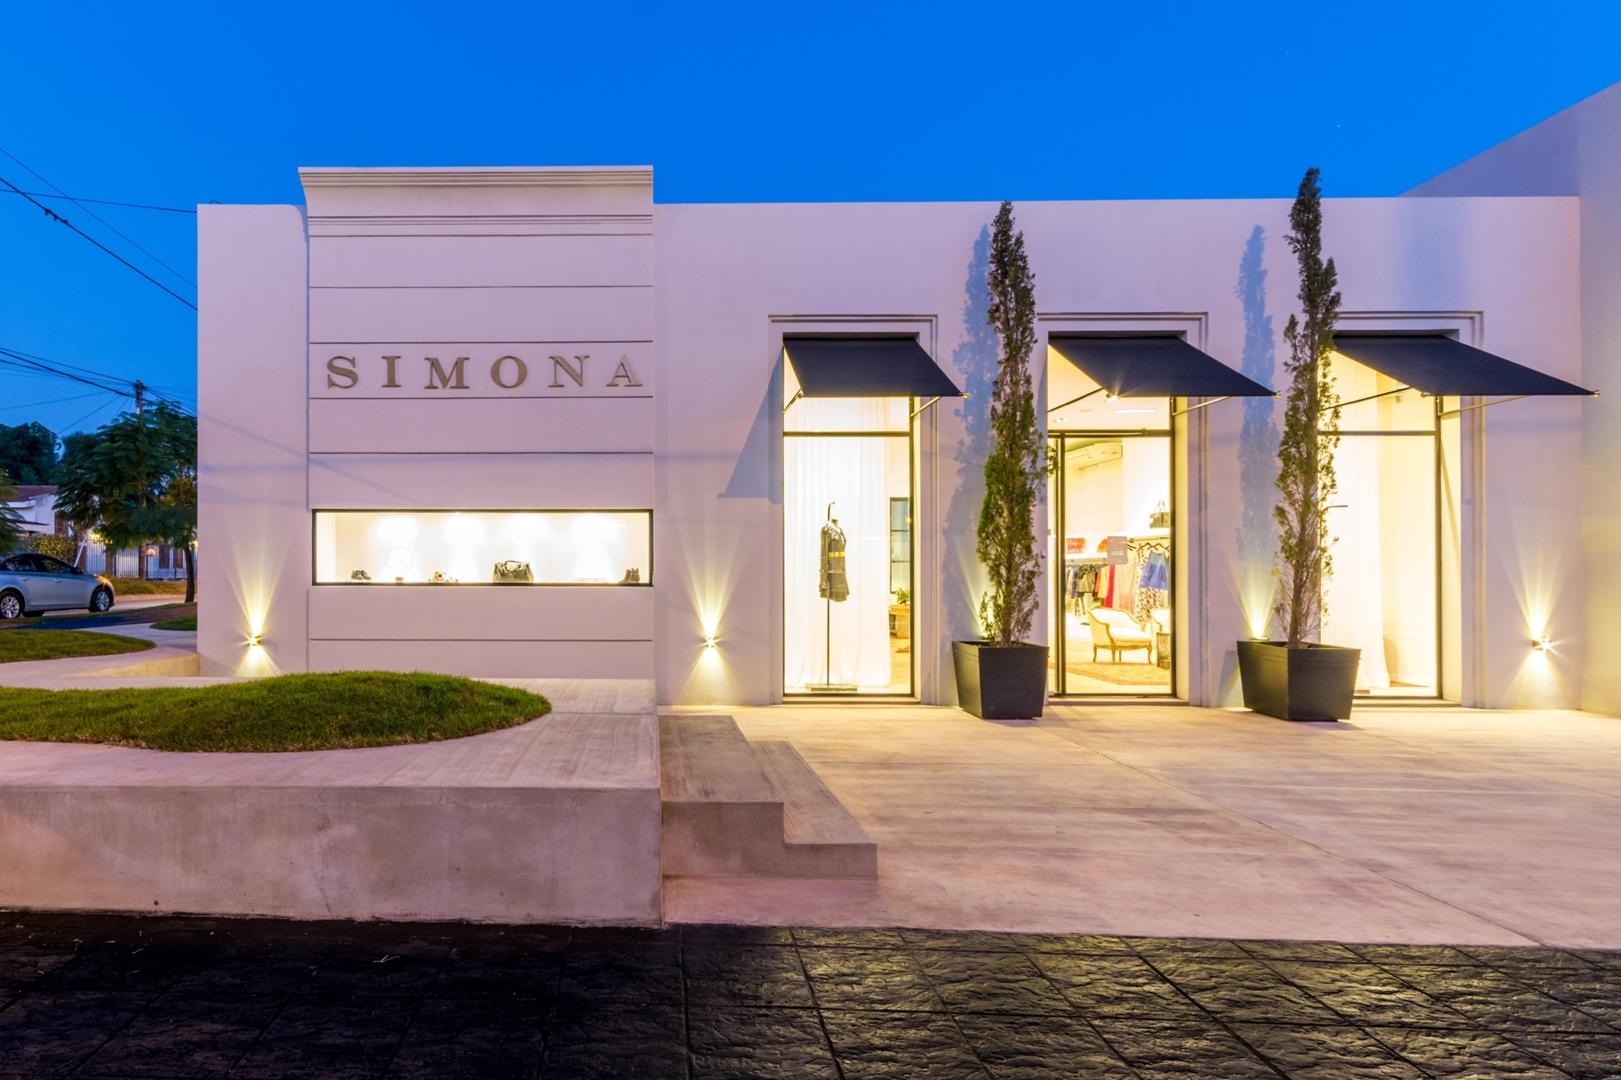 Simona ph G Viramonte 020 (Copy)